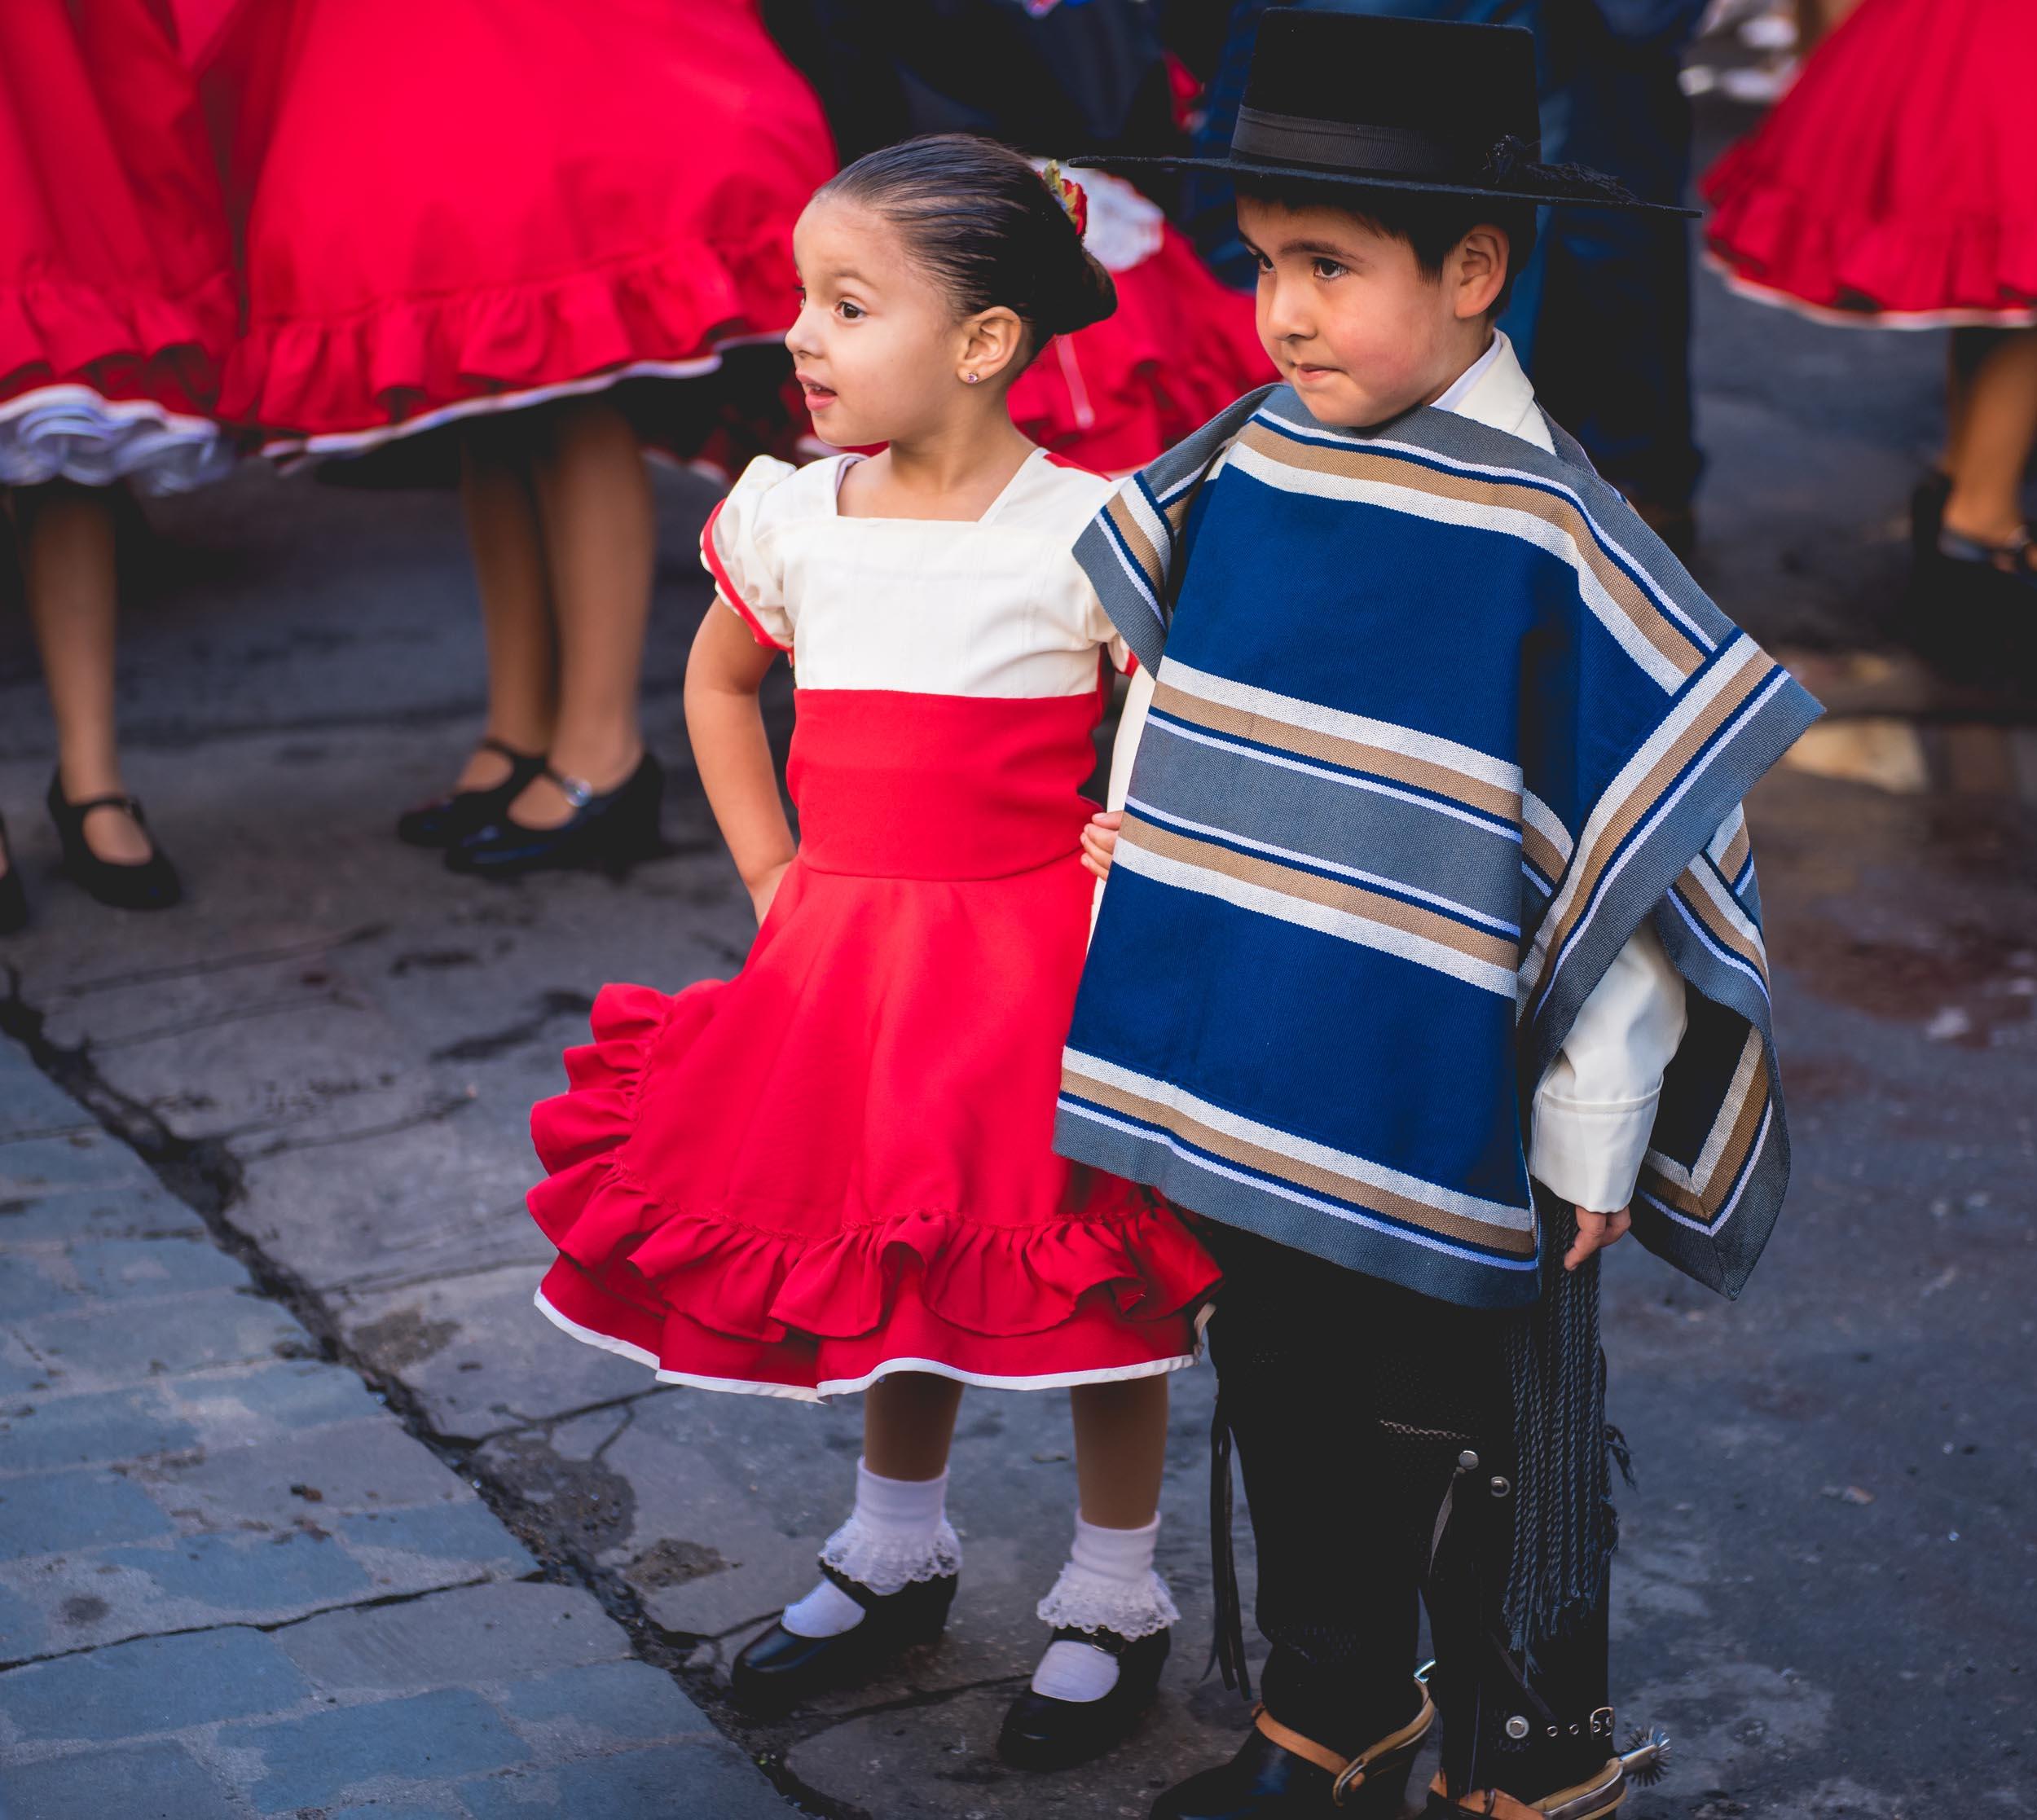 Enseñar las tradiciones a los niños contribuye a su identidad y autoestima